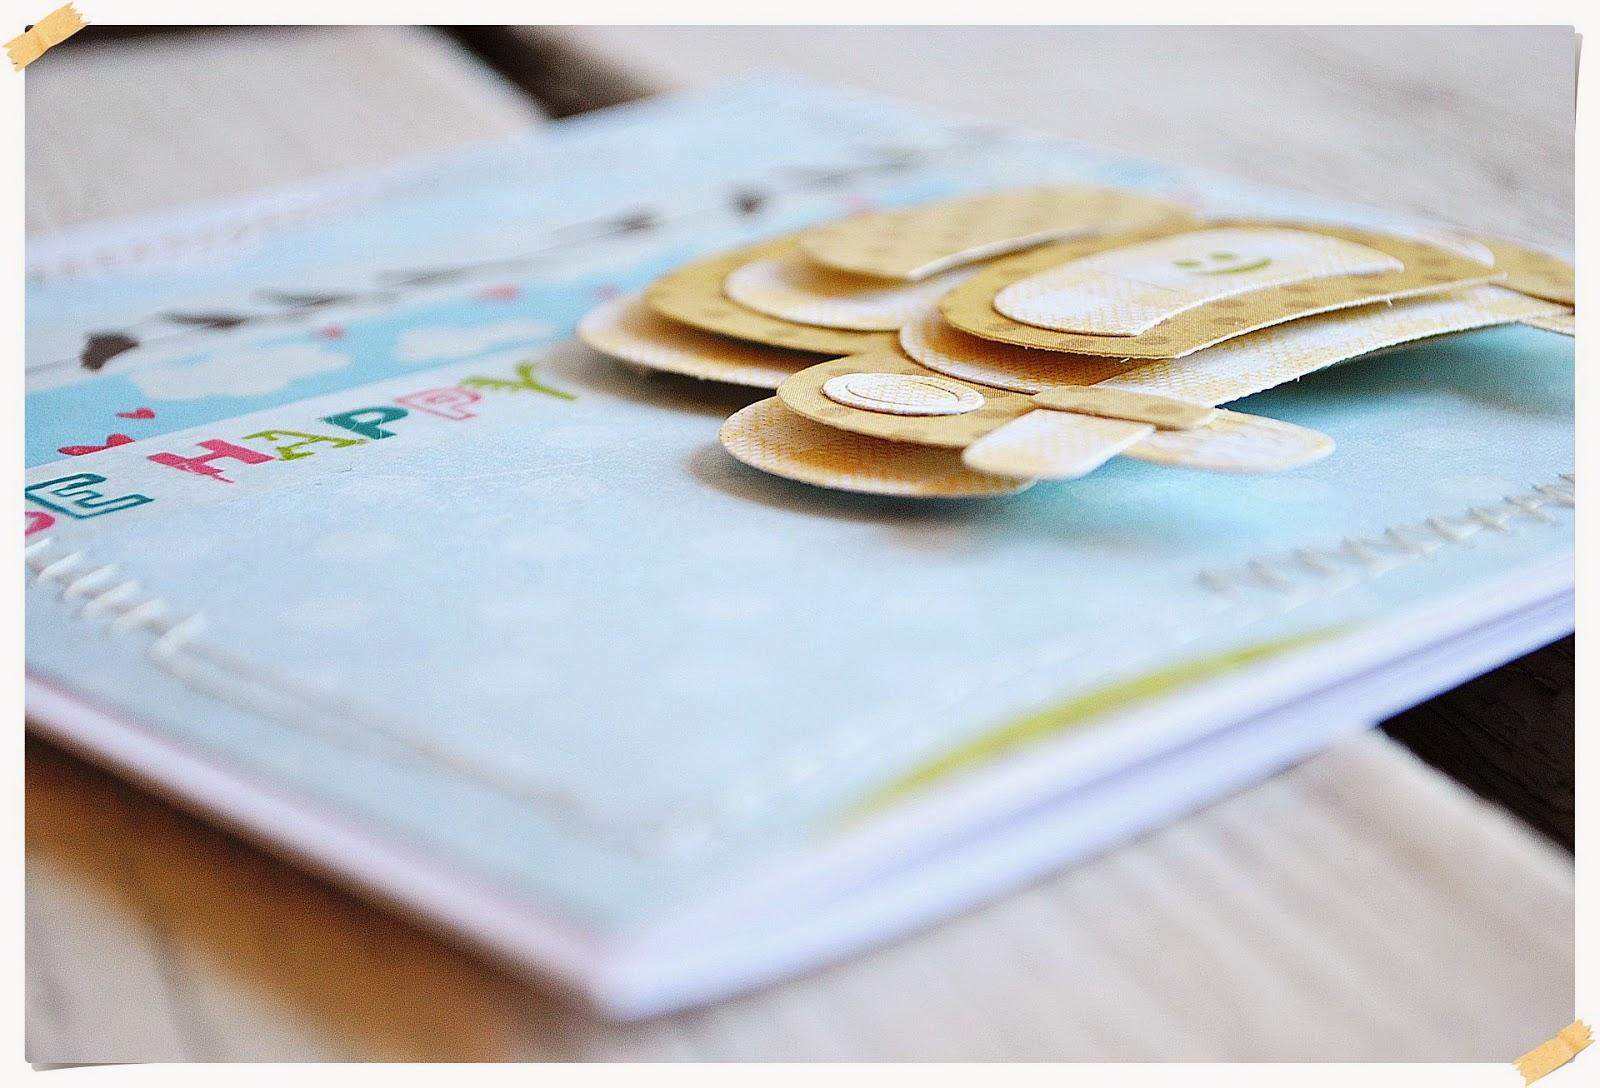 kartka dla dziecka z samochodzikiem scrapbooking